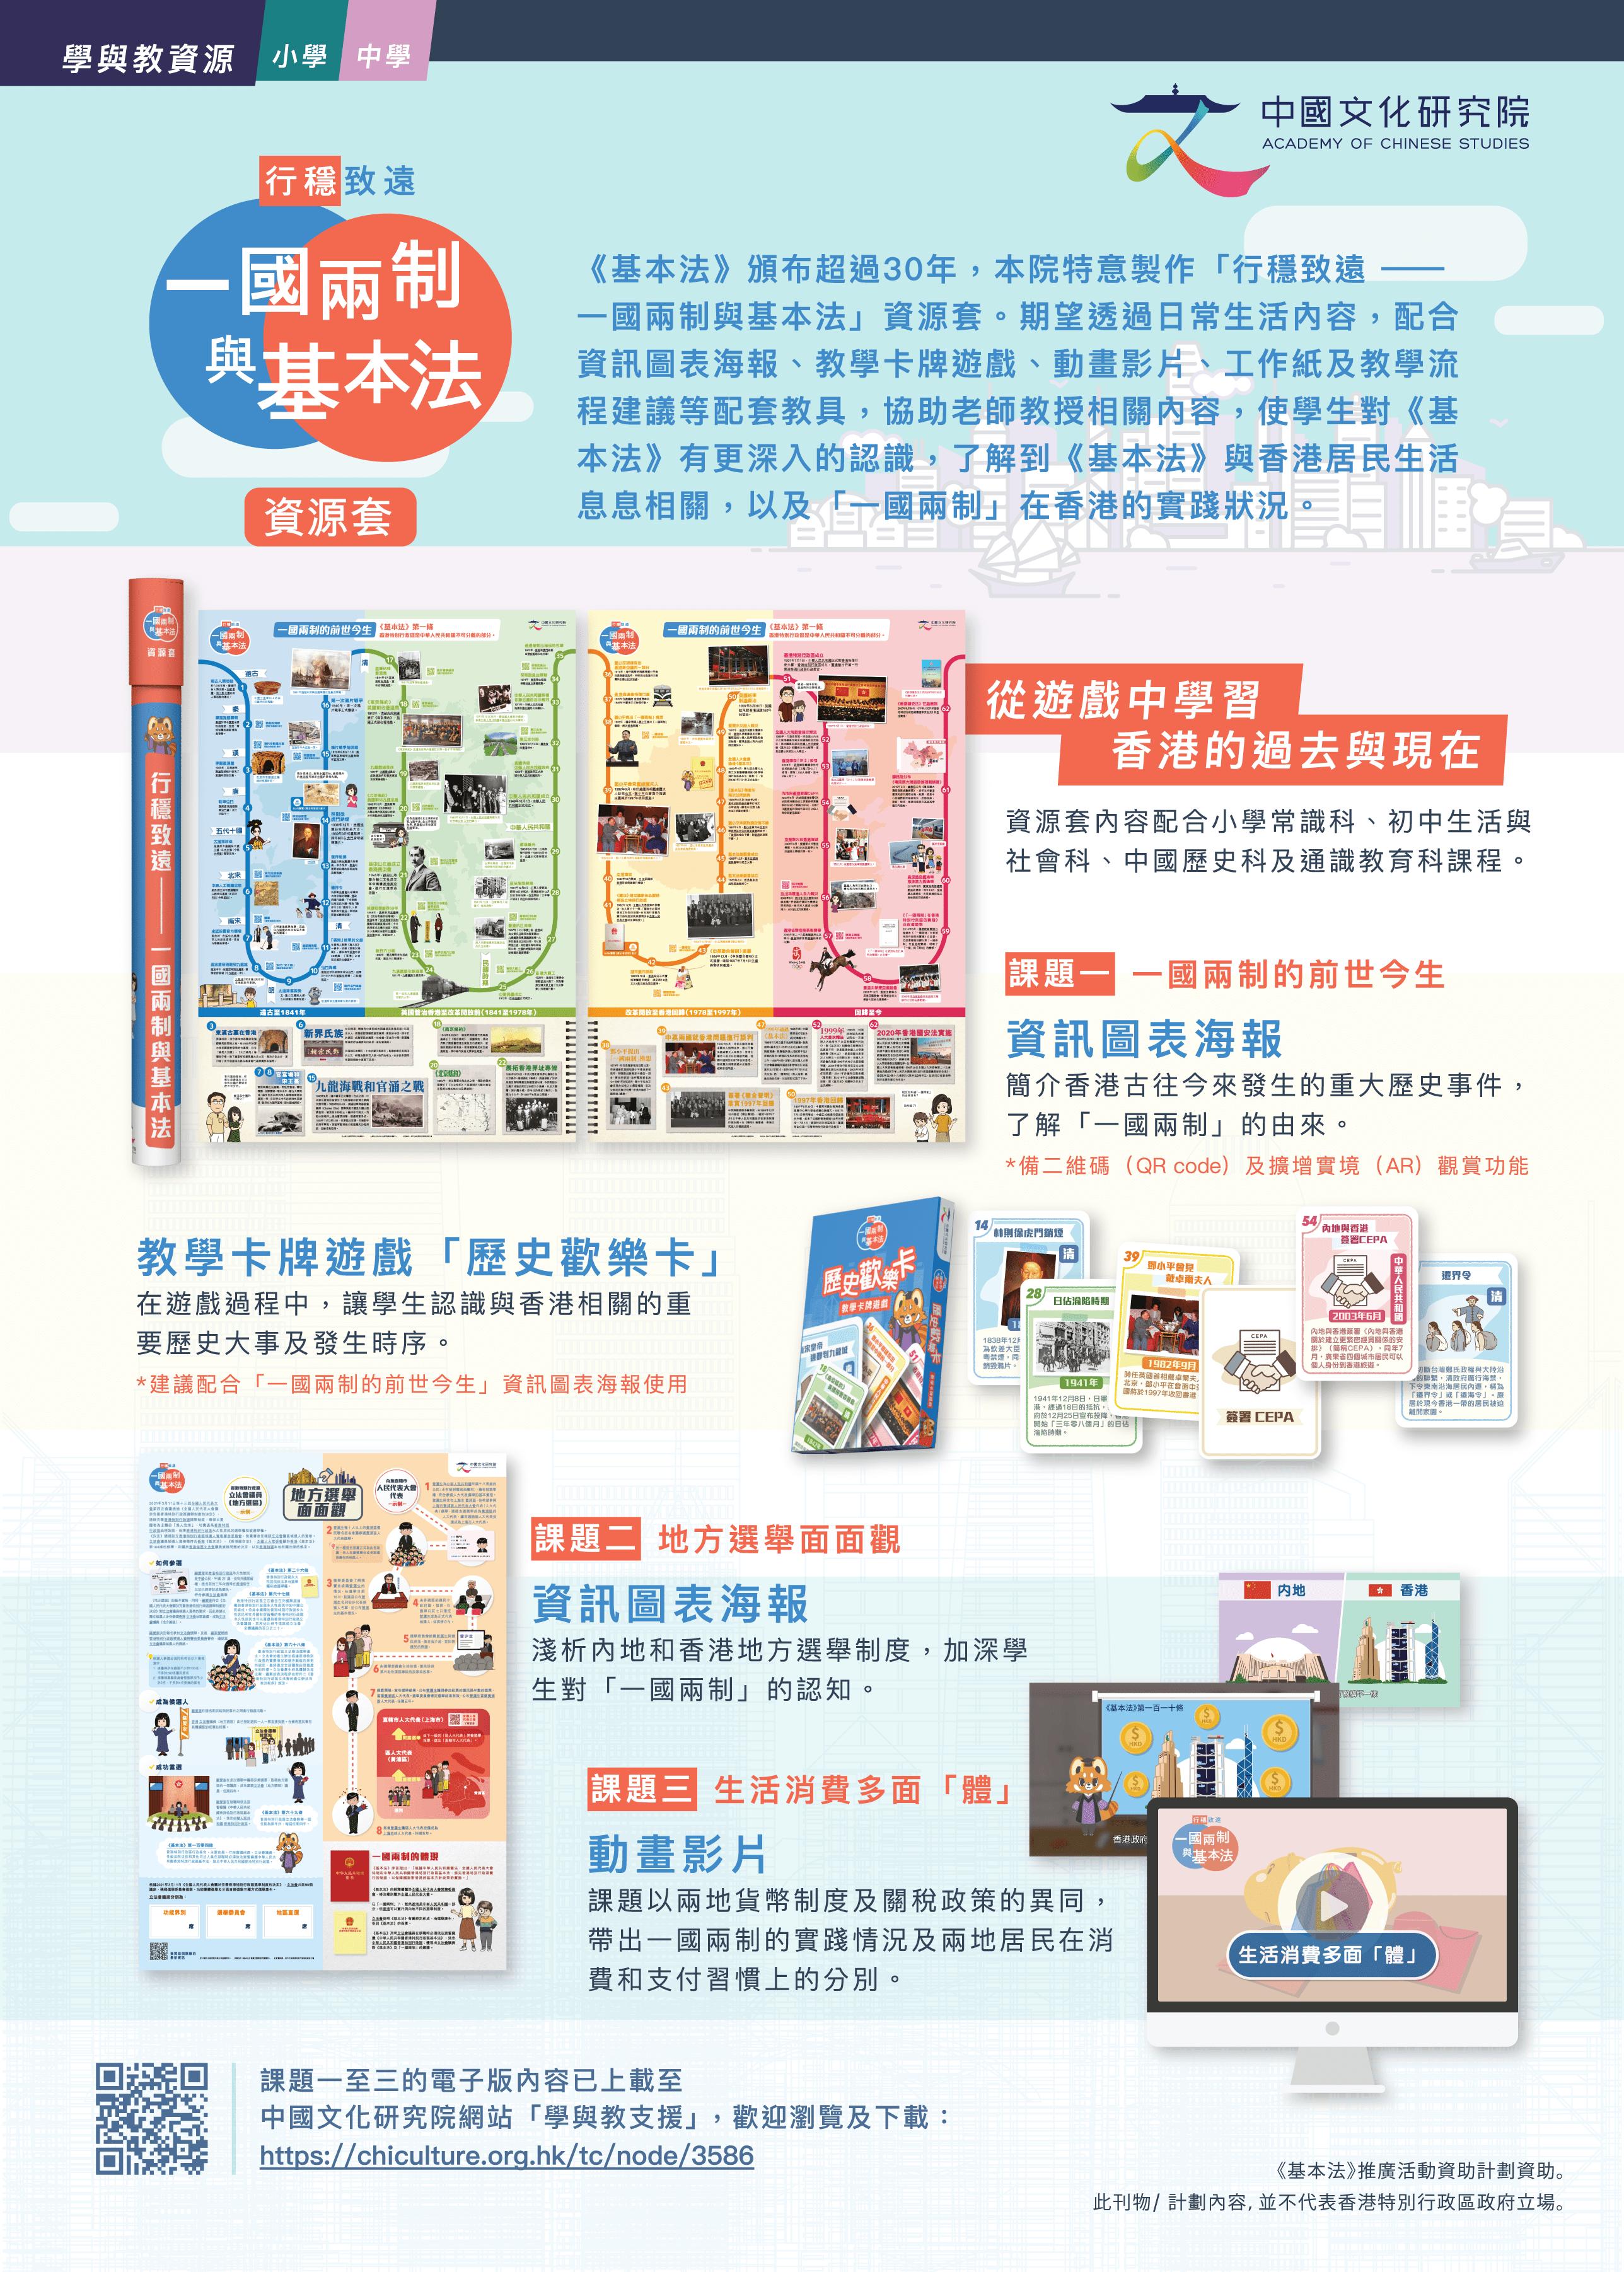 acs_flyer_xingwenzhiyuan_20210618_v5-01-min